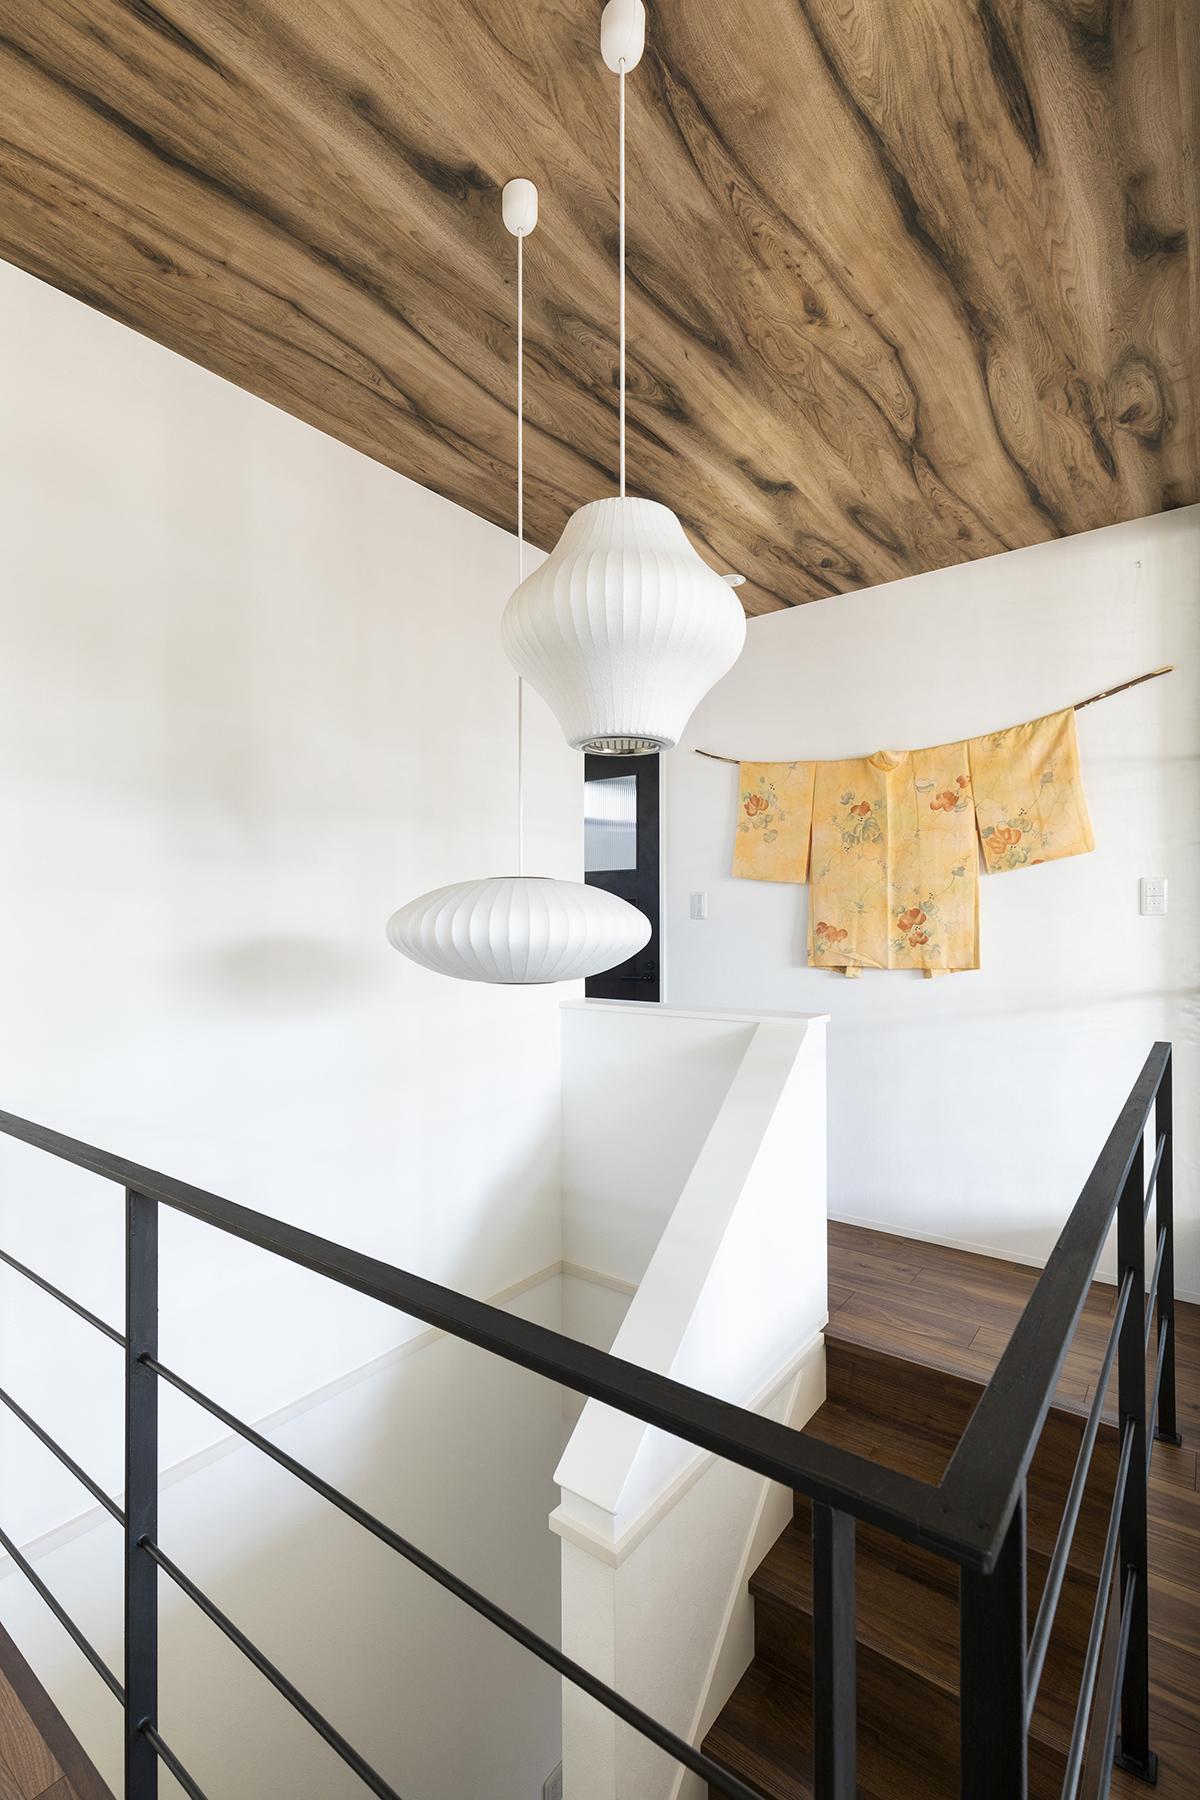 木肌の天井と和紙の照明、アイアンが調和する印象的な階段ホール。壁には奥さまがリメイクした昔の着物を飾り、季節の趣を演出。